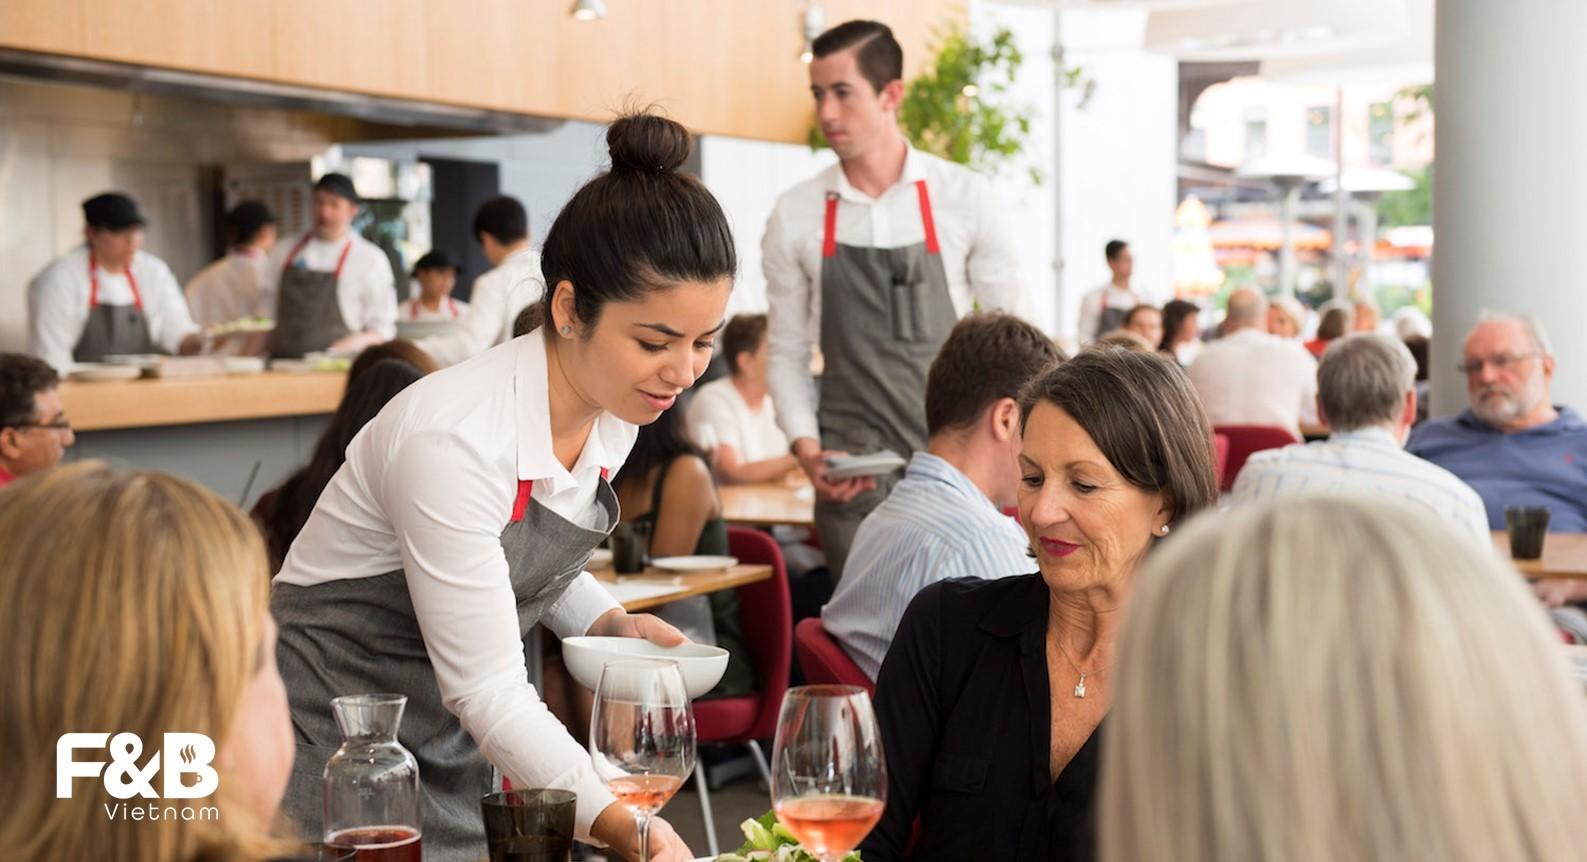 quản lí quy trình trong quản lí vận hành nhà hàng